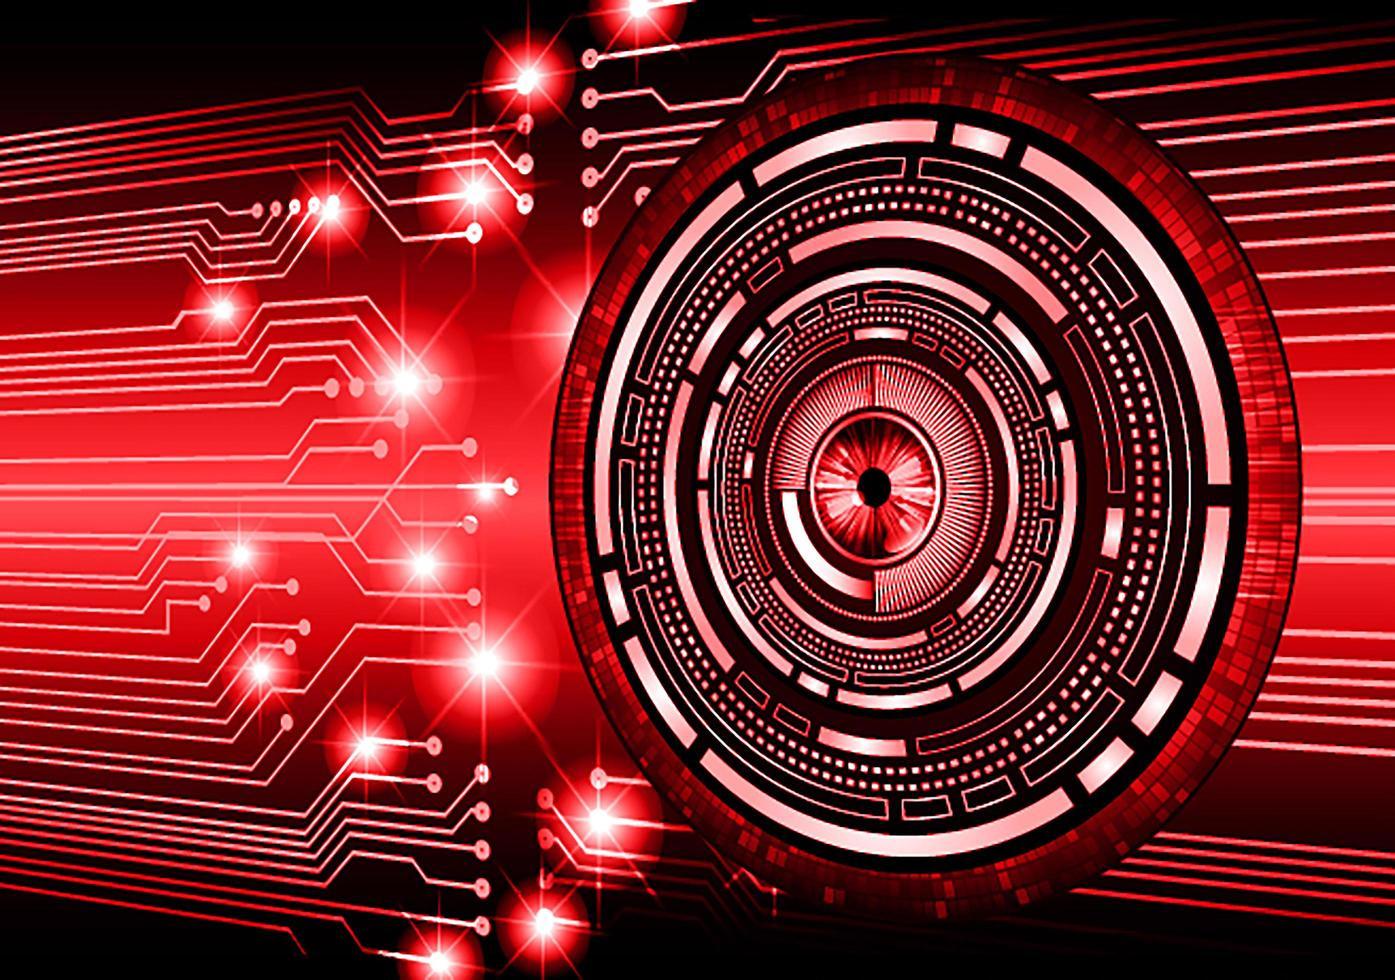 röda ögon cyber krets framtida teknik koncept bakgrund vektor